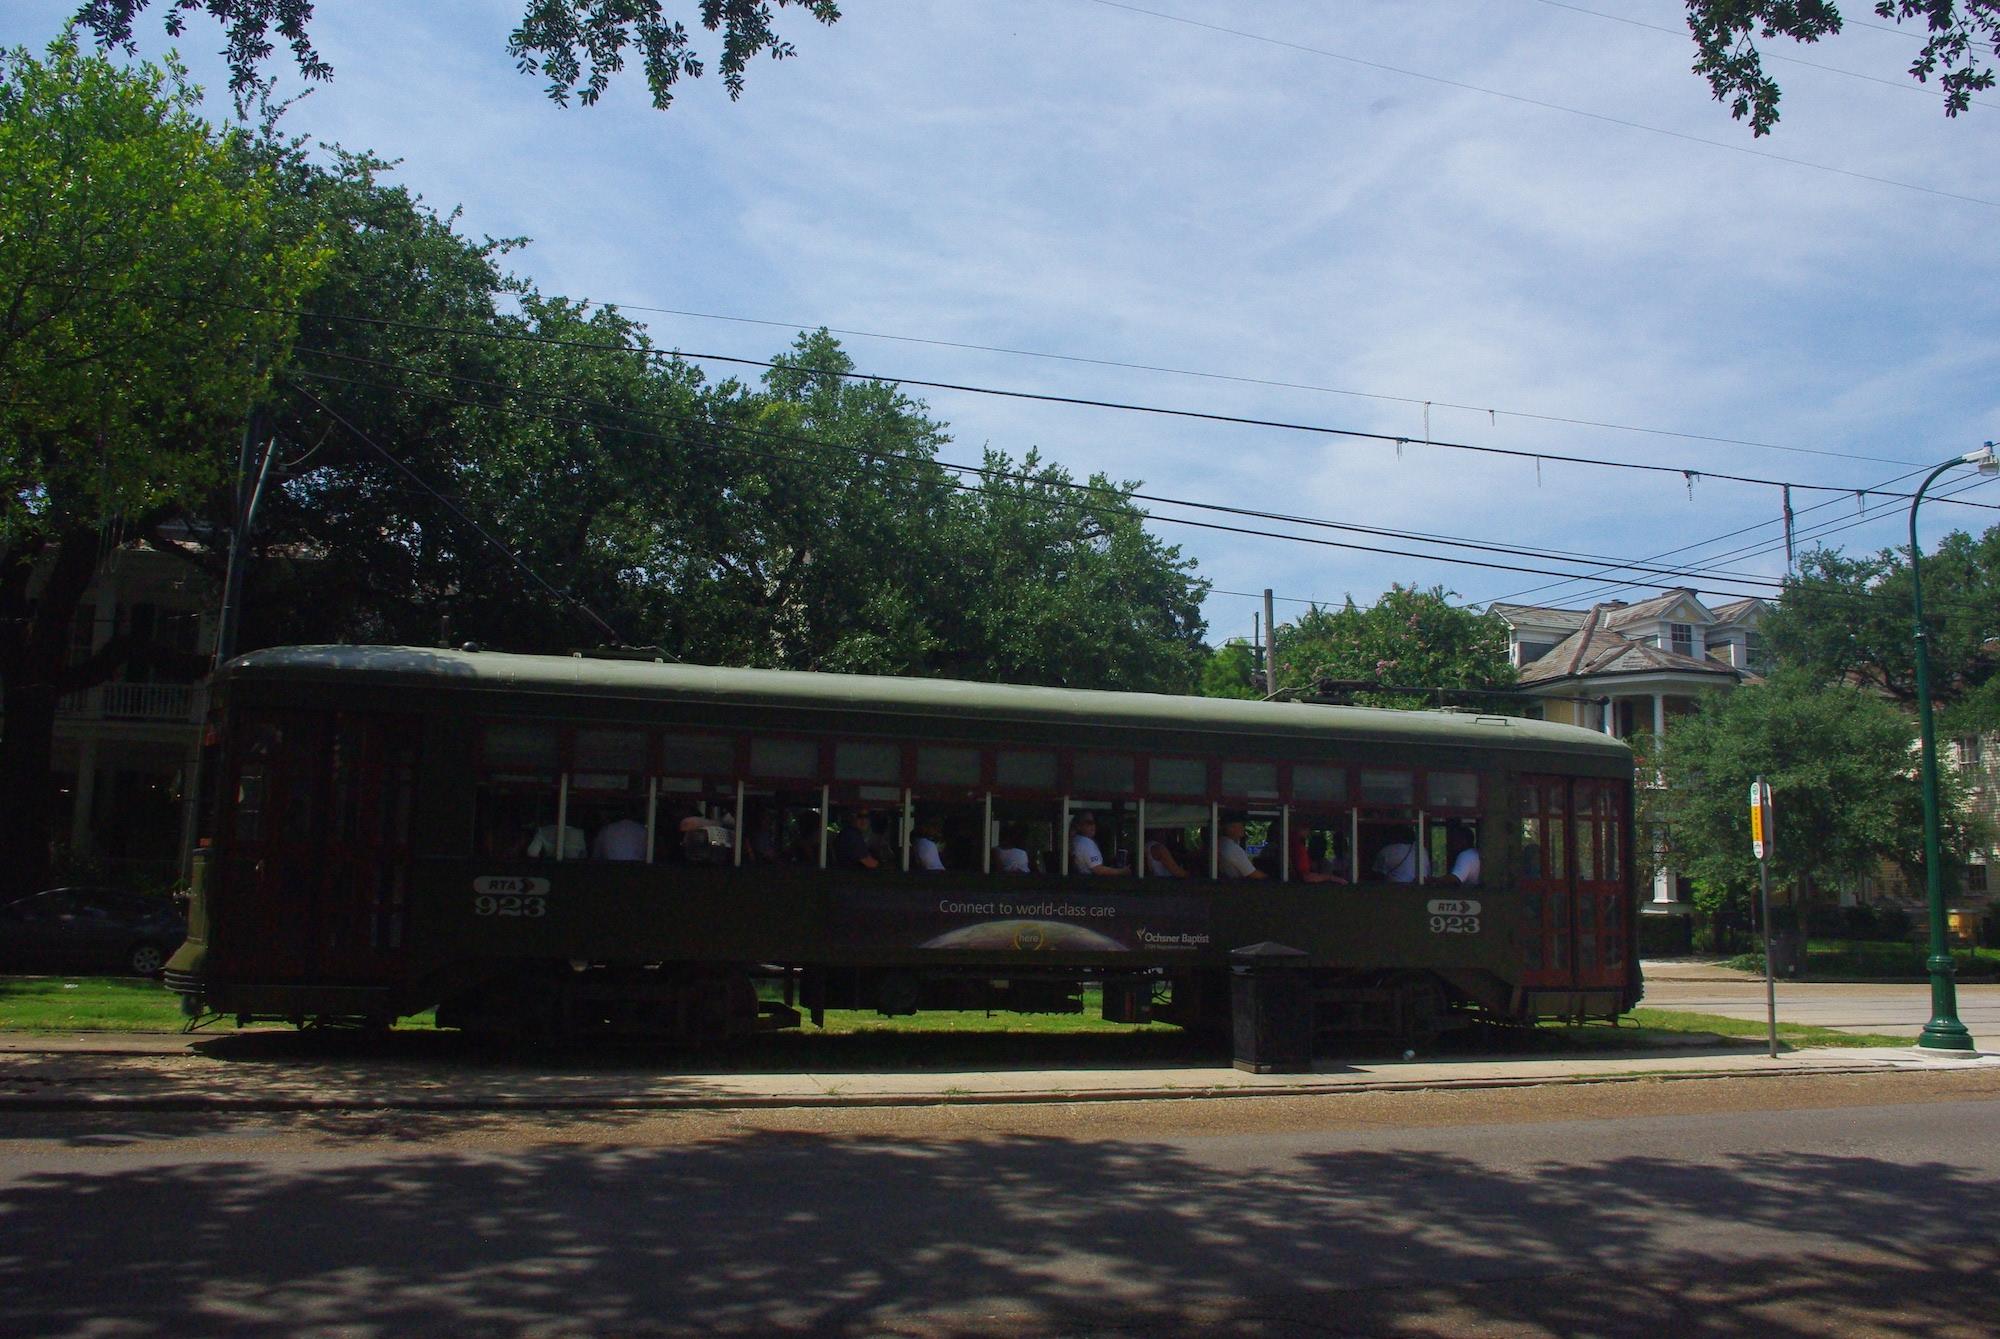 Le fameux tramway de la ligne St Charles (nommé Desire donc) qui passait à côté de chez Tennessee Williams